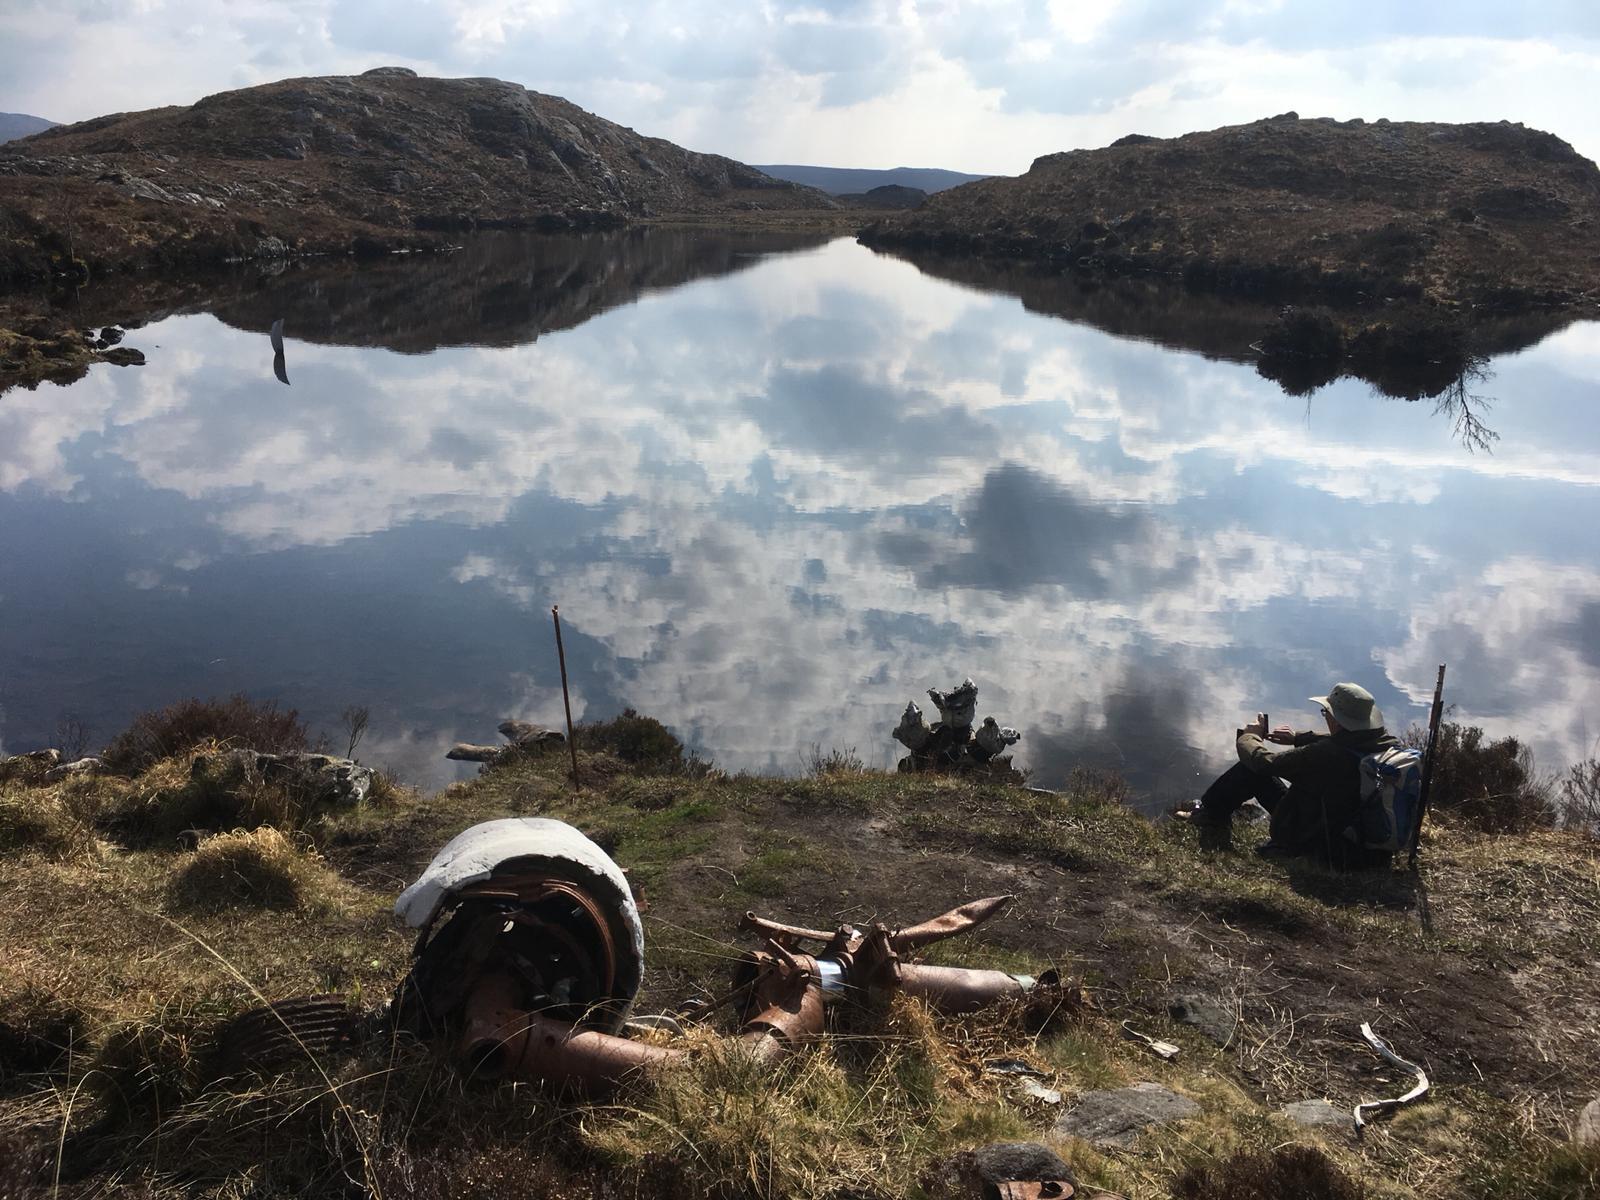 Loch reflections